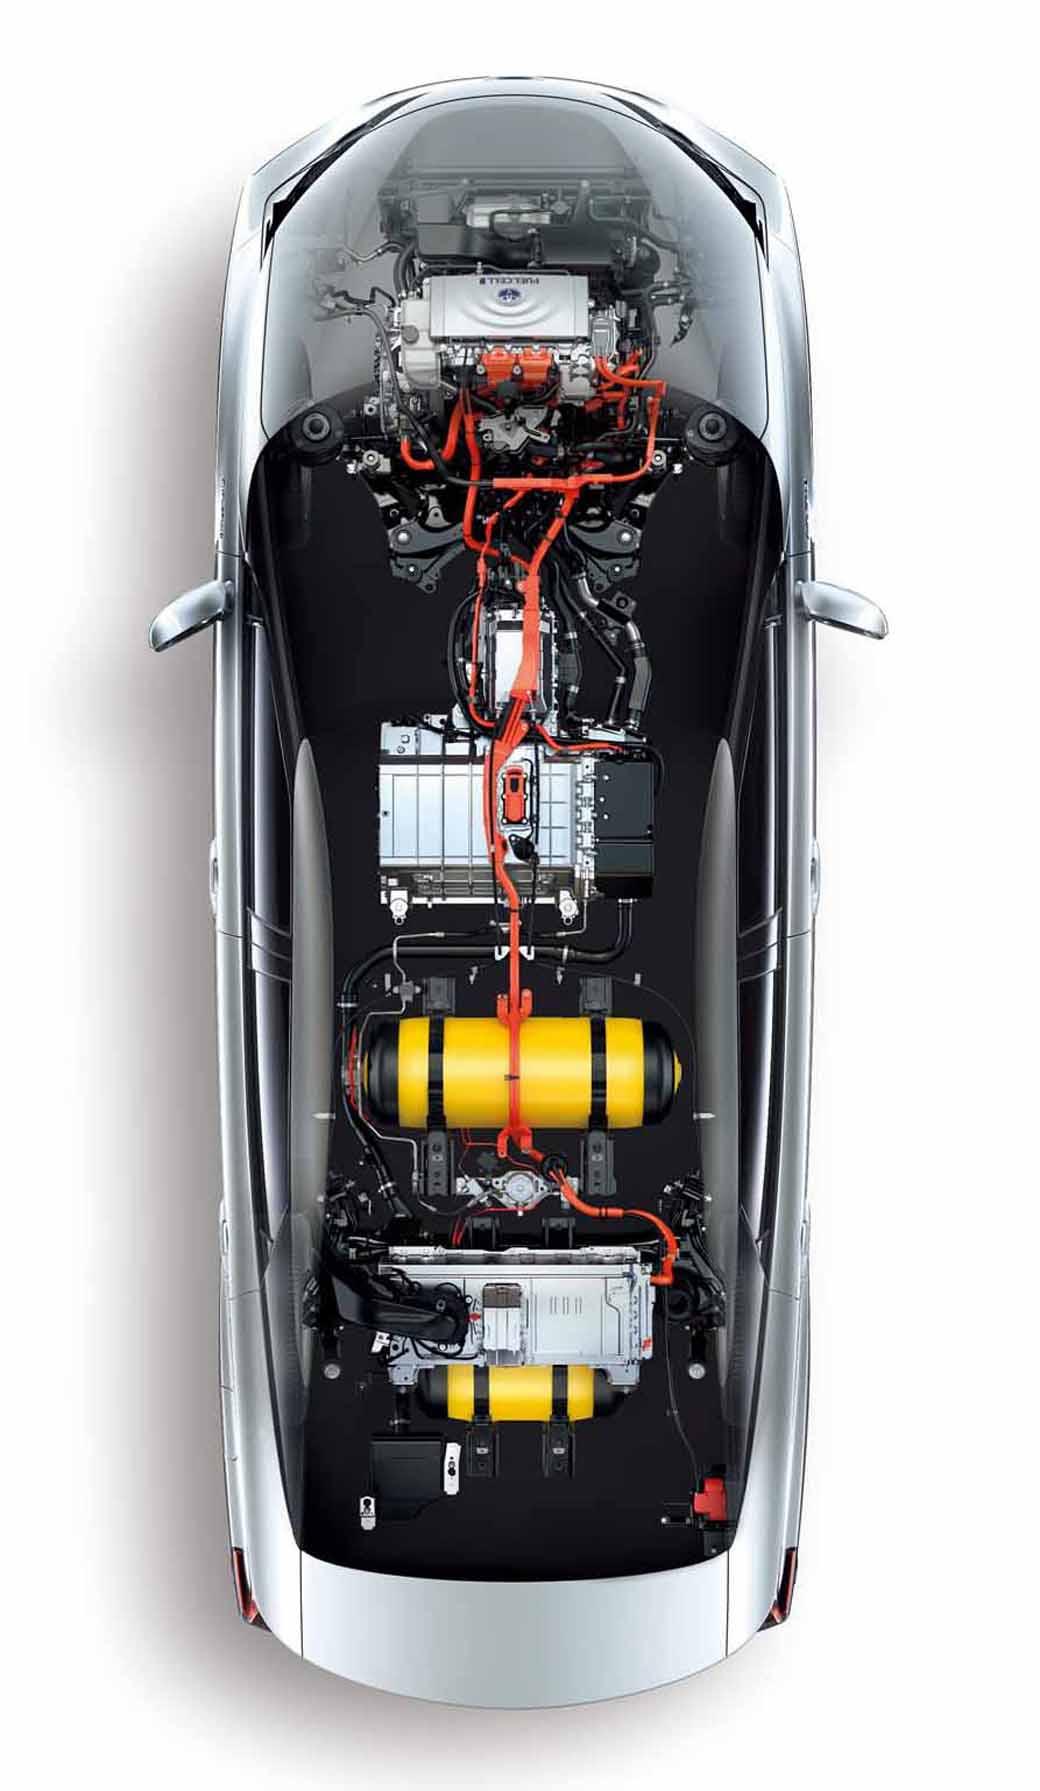 MOTOR CARS経産省、トヨタを水素・燃料電池自動車の世界技術規則対応業者に登録投稿ナビゲーションNEXT MOBILITY(Kindle版)発売中VIDEOS仏フォルシアCEOのパトリック・コールラー氏、クラリオン買収を決めた理由を語る新ボルボV60の対向衝突緩和機能(9/25会見披露)アウディA8走行デモンストレーション米GM、カーオーナーに個人間カーシェアの積極利用を促す米国自動車殿堂、豊田喜一郎氏授賞式の様子ダイハツ工業、企業プロモーションビデオの配信を開始トヨタ自動車のCES2018、イーパレットコンセプトのプレスカンファレンストヨタ自動車、多目的電動モビリティのイーパレットコンセプトをCES2018で発表日産自動車、運転者の脳波を利用した運転支援技術を開発中。CES2018で成果公表へトヨタ自動車傘下の米TRI、「CES2018」で全周認識の次世代自動運転車を公開へ直近に読まれた人気記事最新の記事TwitterTweets for editor-in chief記事SEARCH記事アーカイブAbbott U.S.